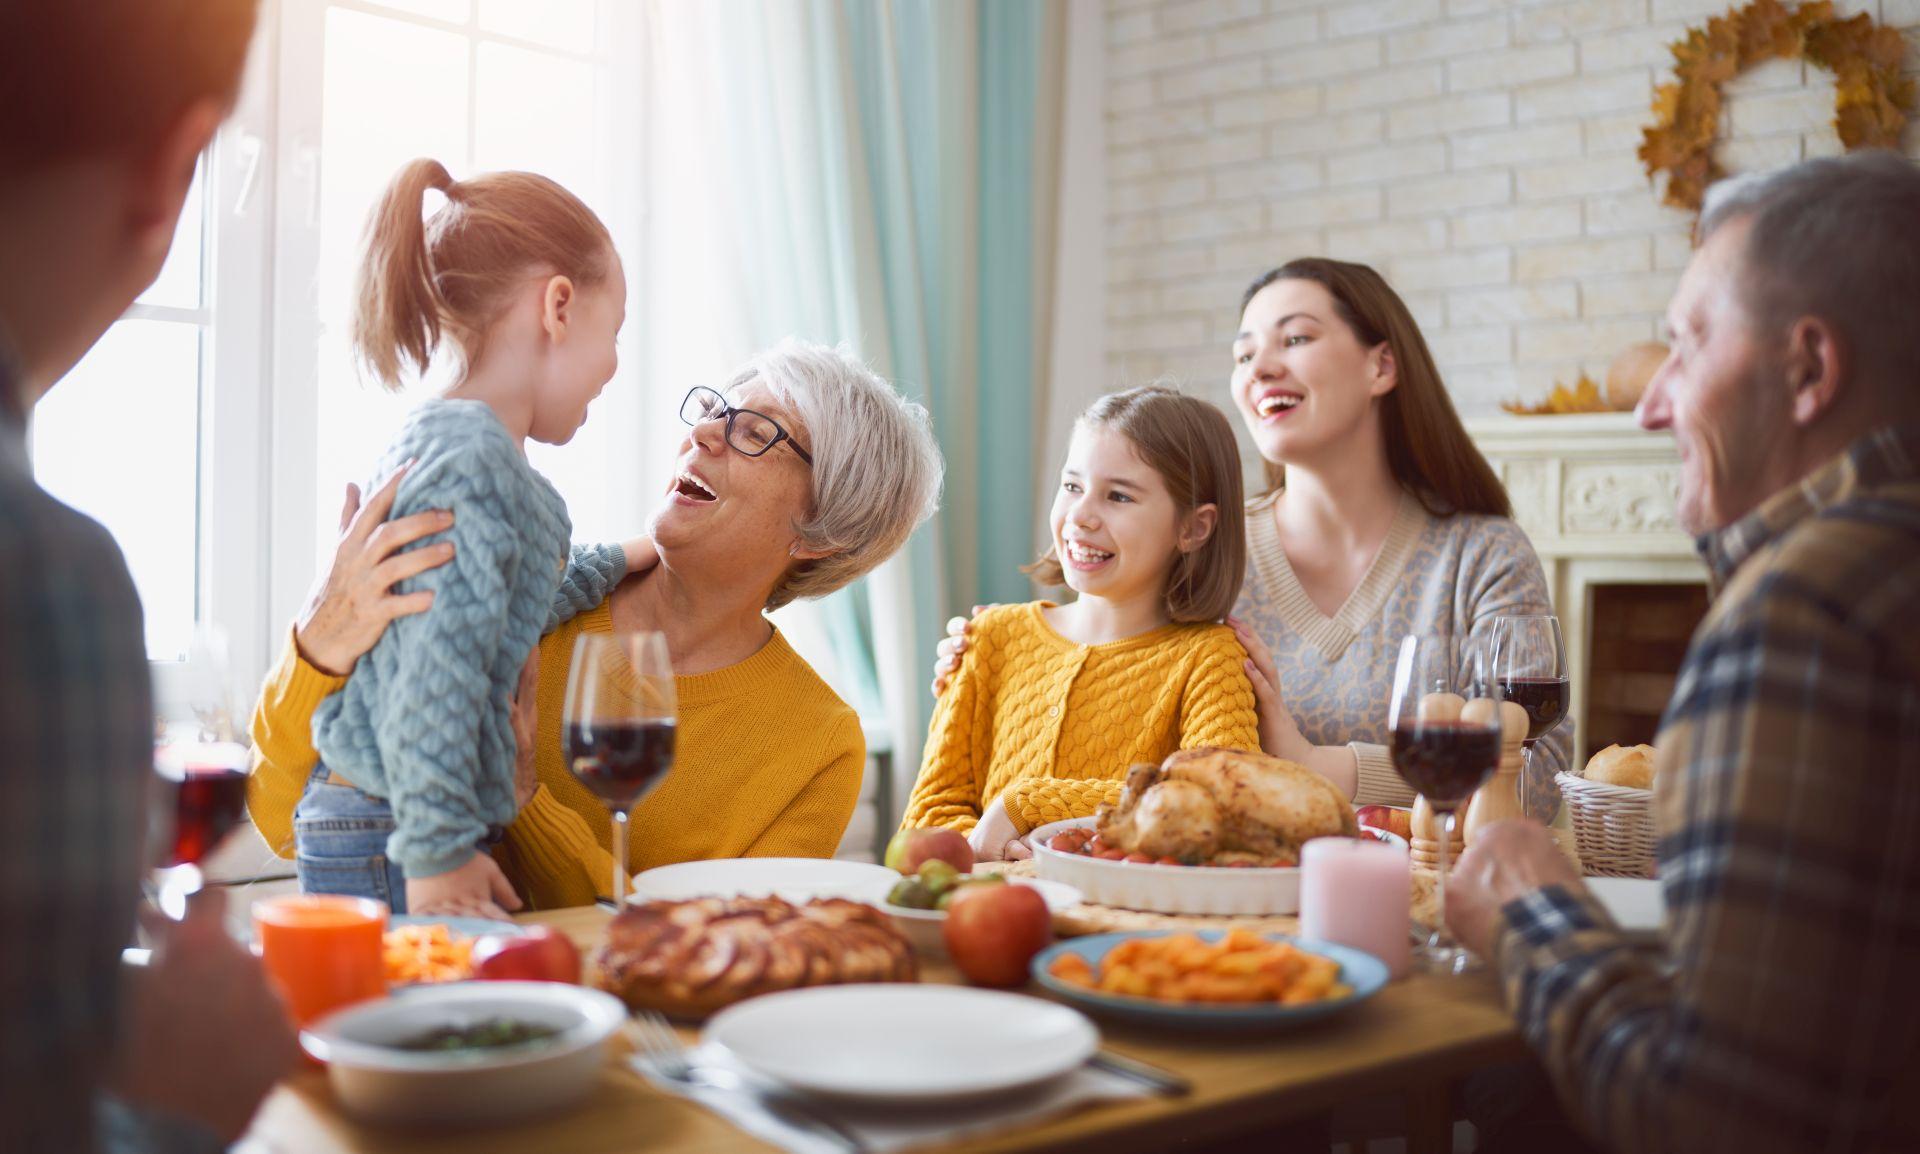 Zasady zdrowego stylu życia oparte są na piramidzie żywieniowej i aktywności fizycznej. Jakie inne zasady powinieneś wdrożyć, aby cieszyć się zdrowiem przez wiele lat?